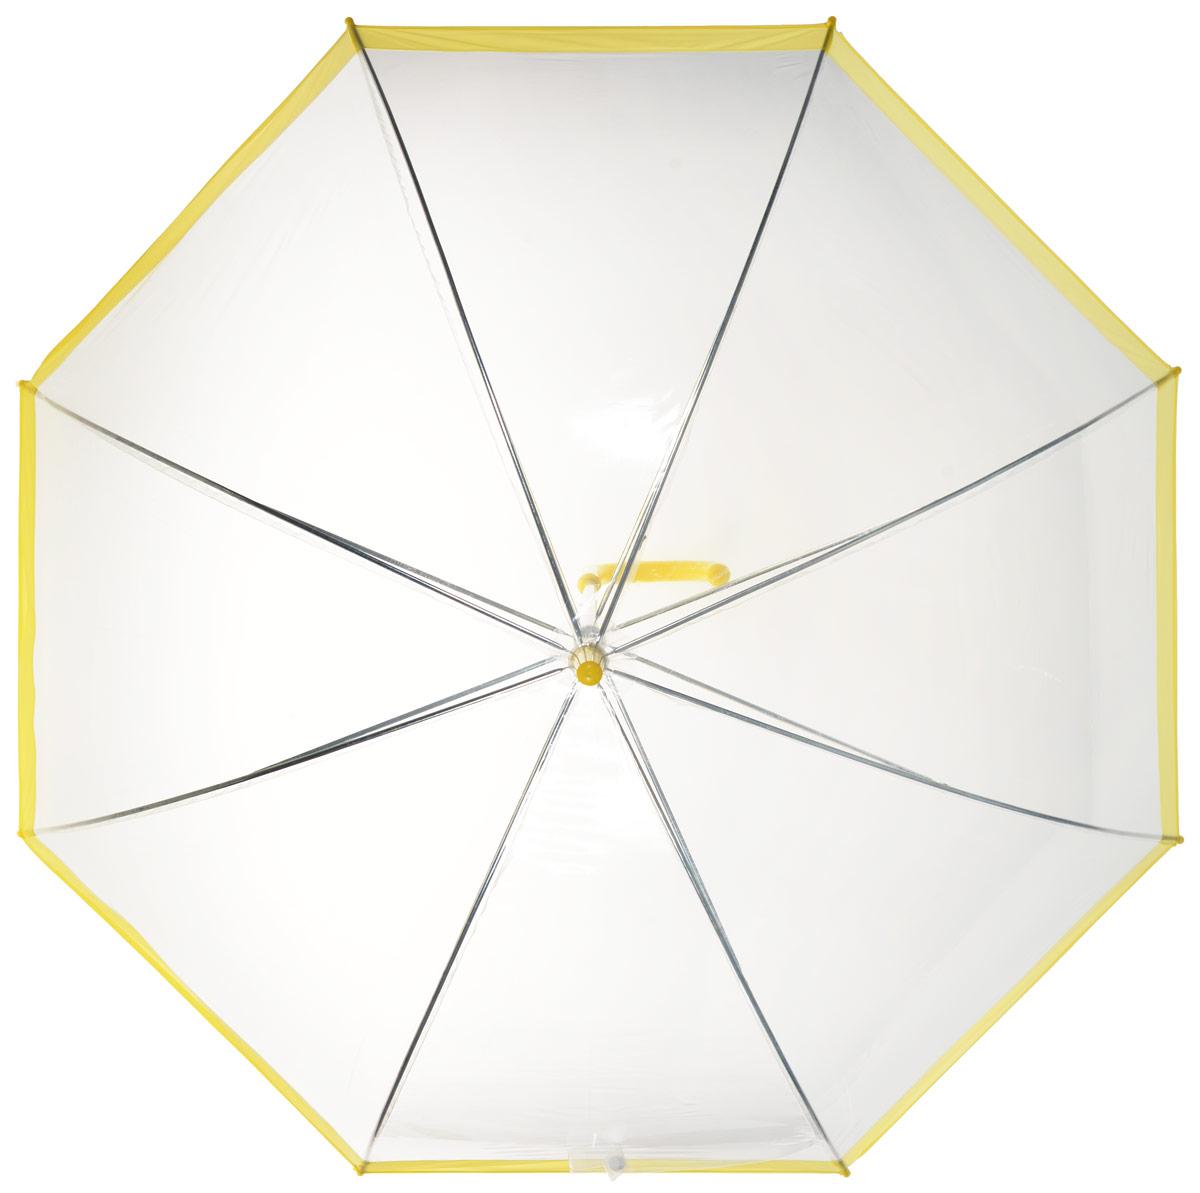 Зонт-трость женский Эврика, механика, цвет: прозрачный, желтый. 9486245100033/18076/3500NОригинальный и элегантный женский зонт-трость Эврика порадует своим оформлением даже в ненастную погоду.Зонт состоит из восьми спиц и стержня выполненных из качественного металла. Купол выполнен из качественного ПВХ, который не пропускает воду. Зонт дополненудобной пластиковой ручкой в виде крючка.Изделие имеет механический способ сложения: и купол, и стержень открываются и закрываются вручную до характерного щелчка. Зонт закрывается хлястиком на кнопку.Зонт имеет прозрачную текстуру, что позволяет видеть обстановку вокруг себя.Такой зонт не оставит вас незамеченной.